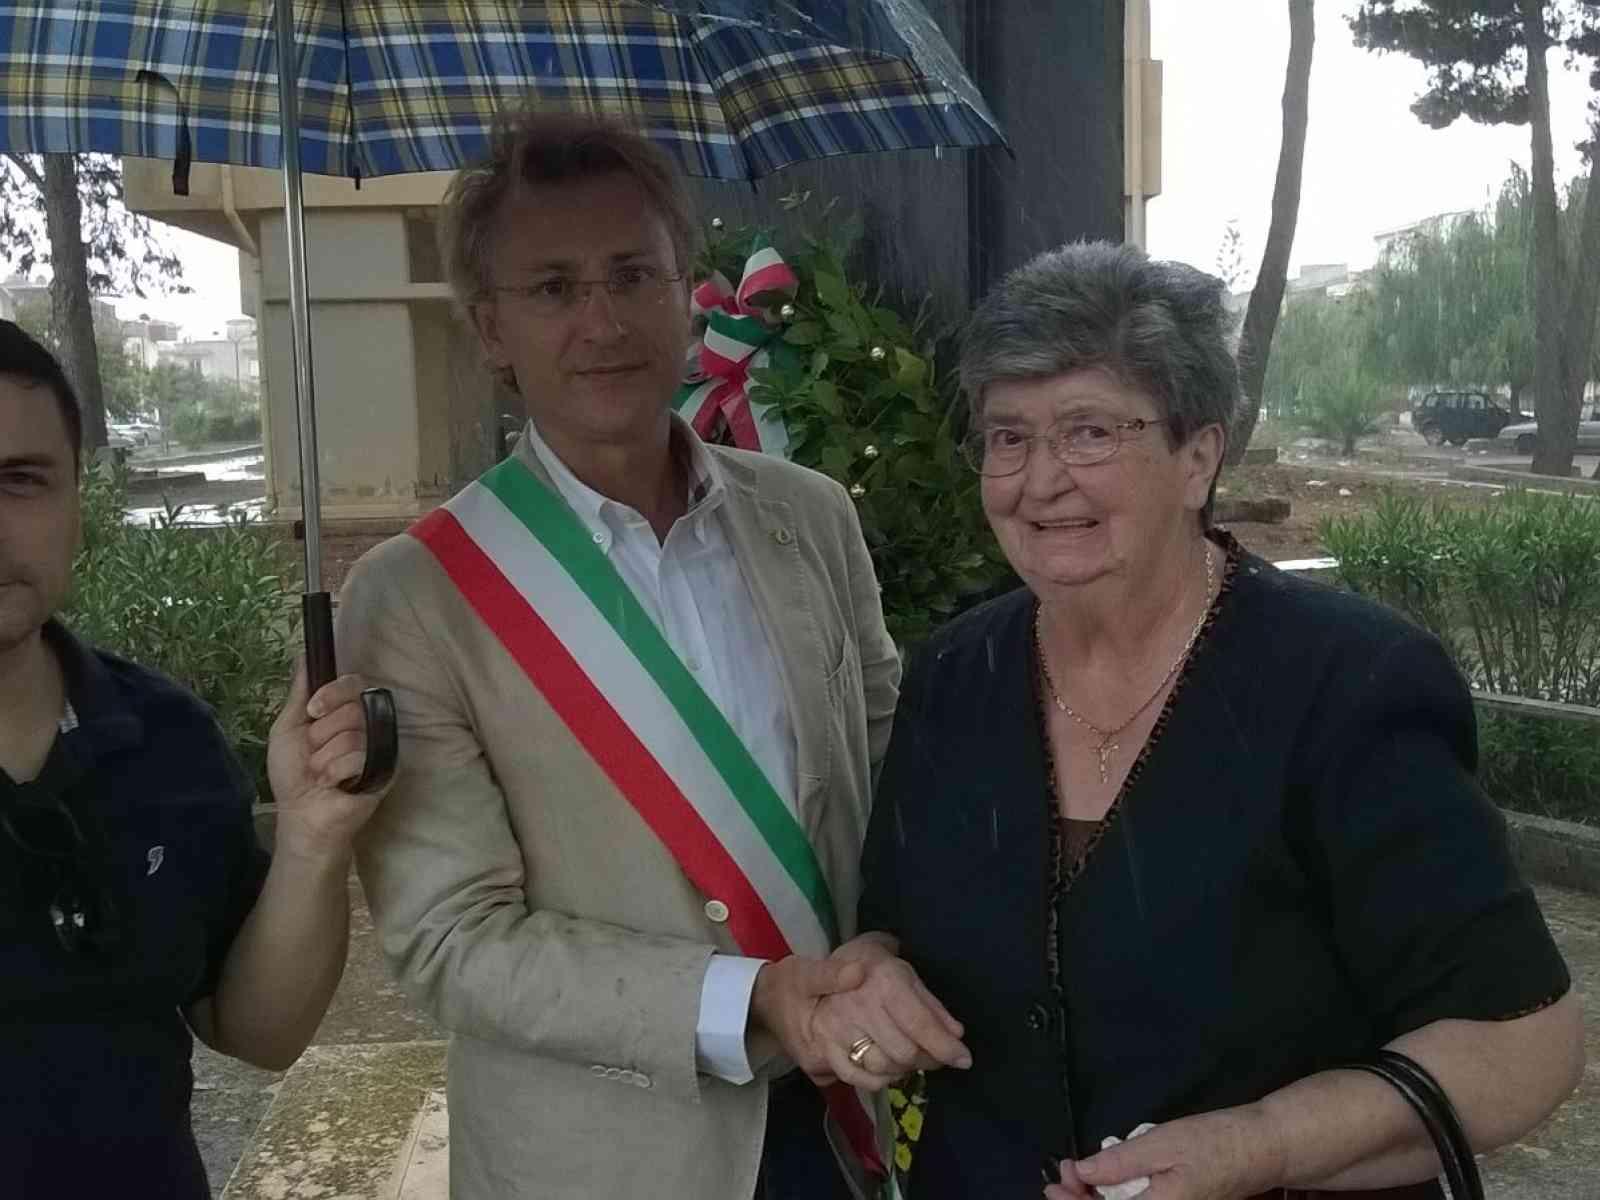 Montevago ricorda Lucia Crisafi, morta nell'attentato dell'11 settembre